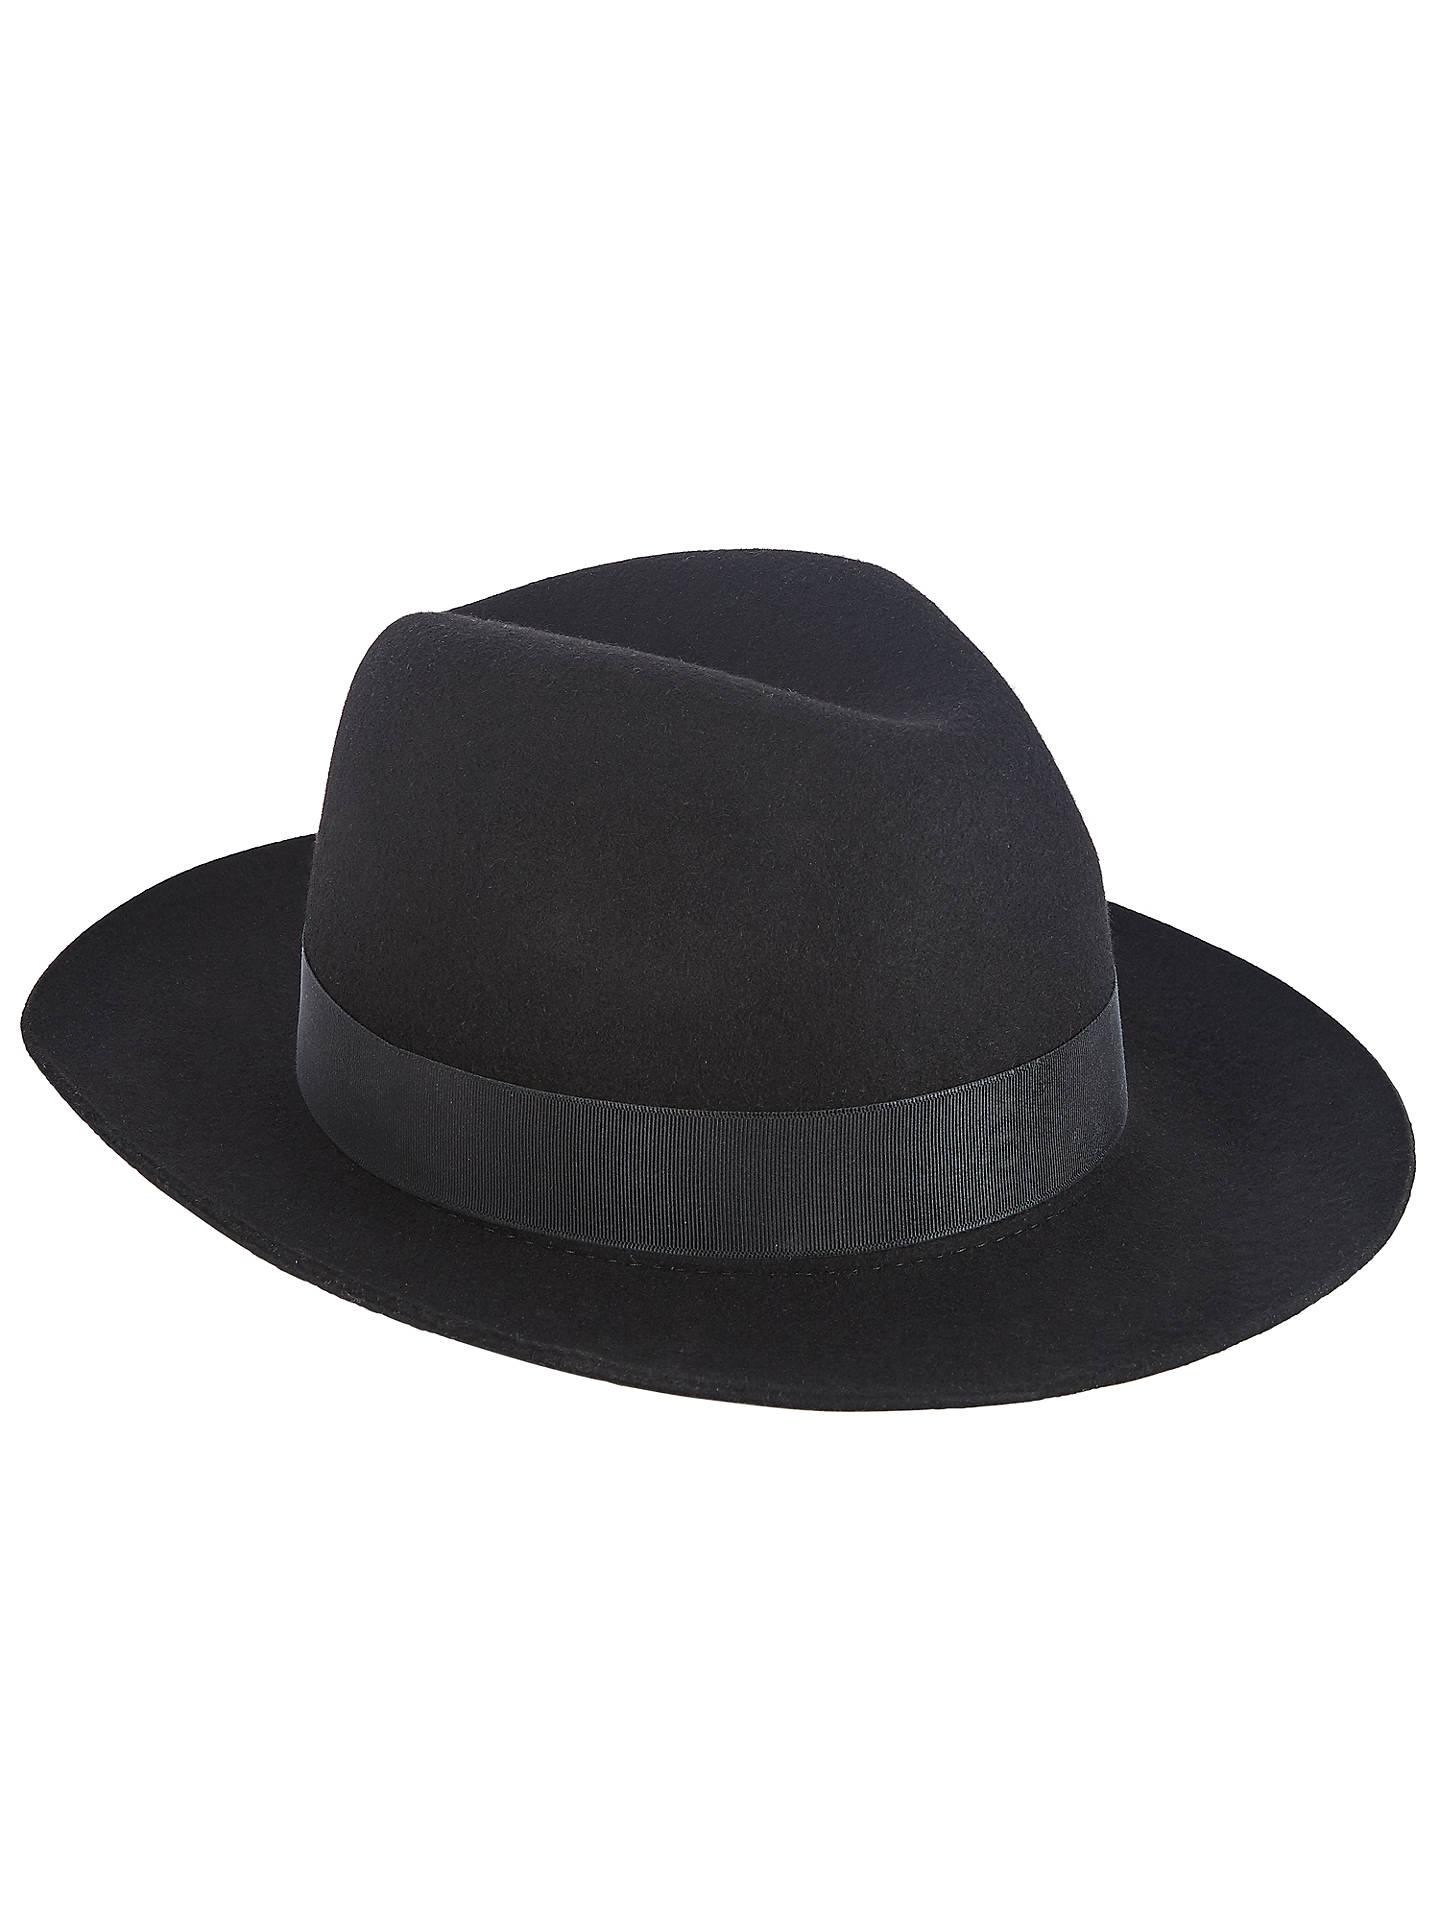 ee75793e873 BuyChristys  Grosvenor Fedora Hat